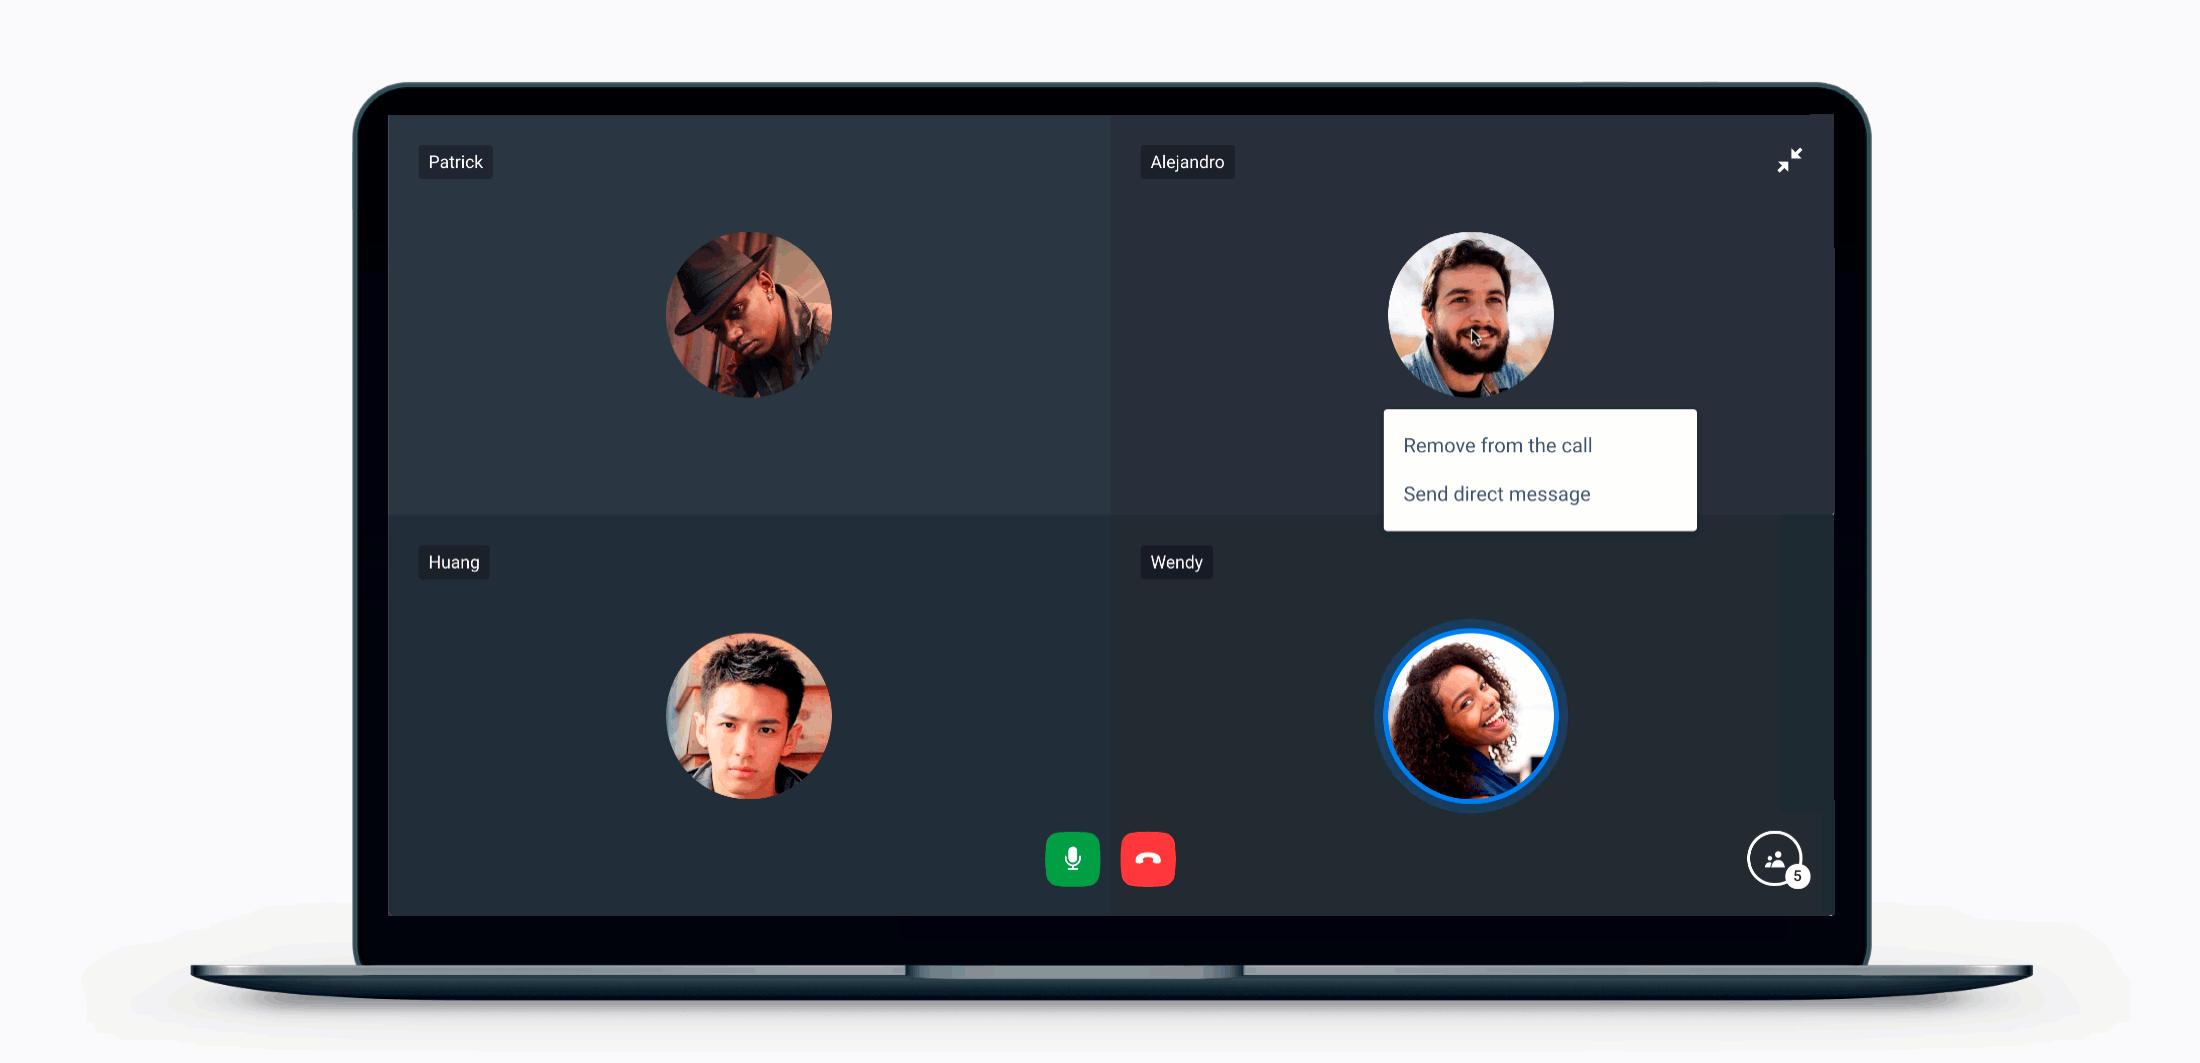 Desktop calls